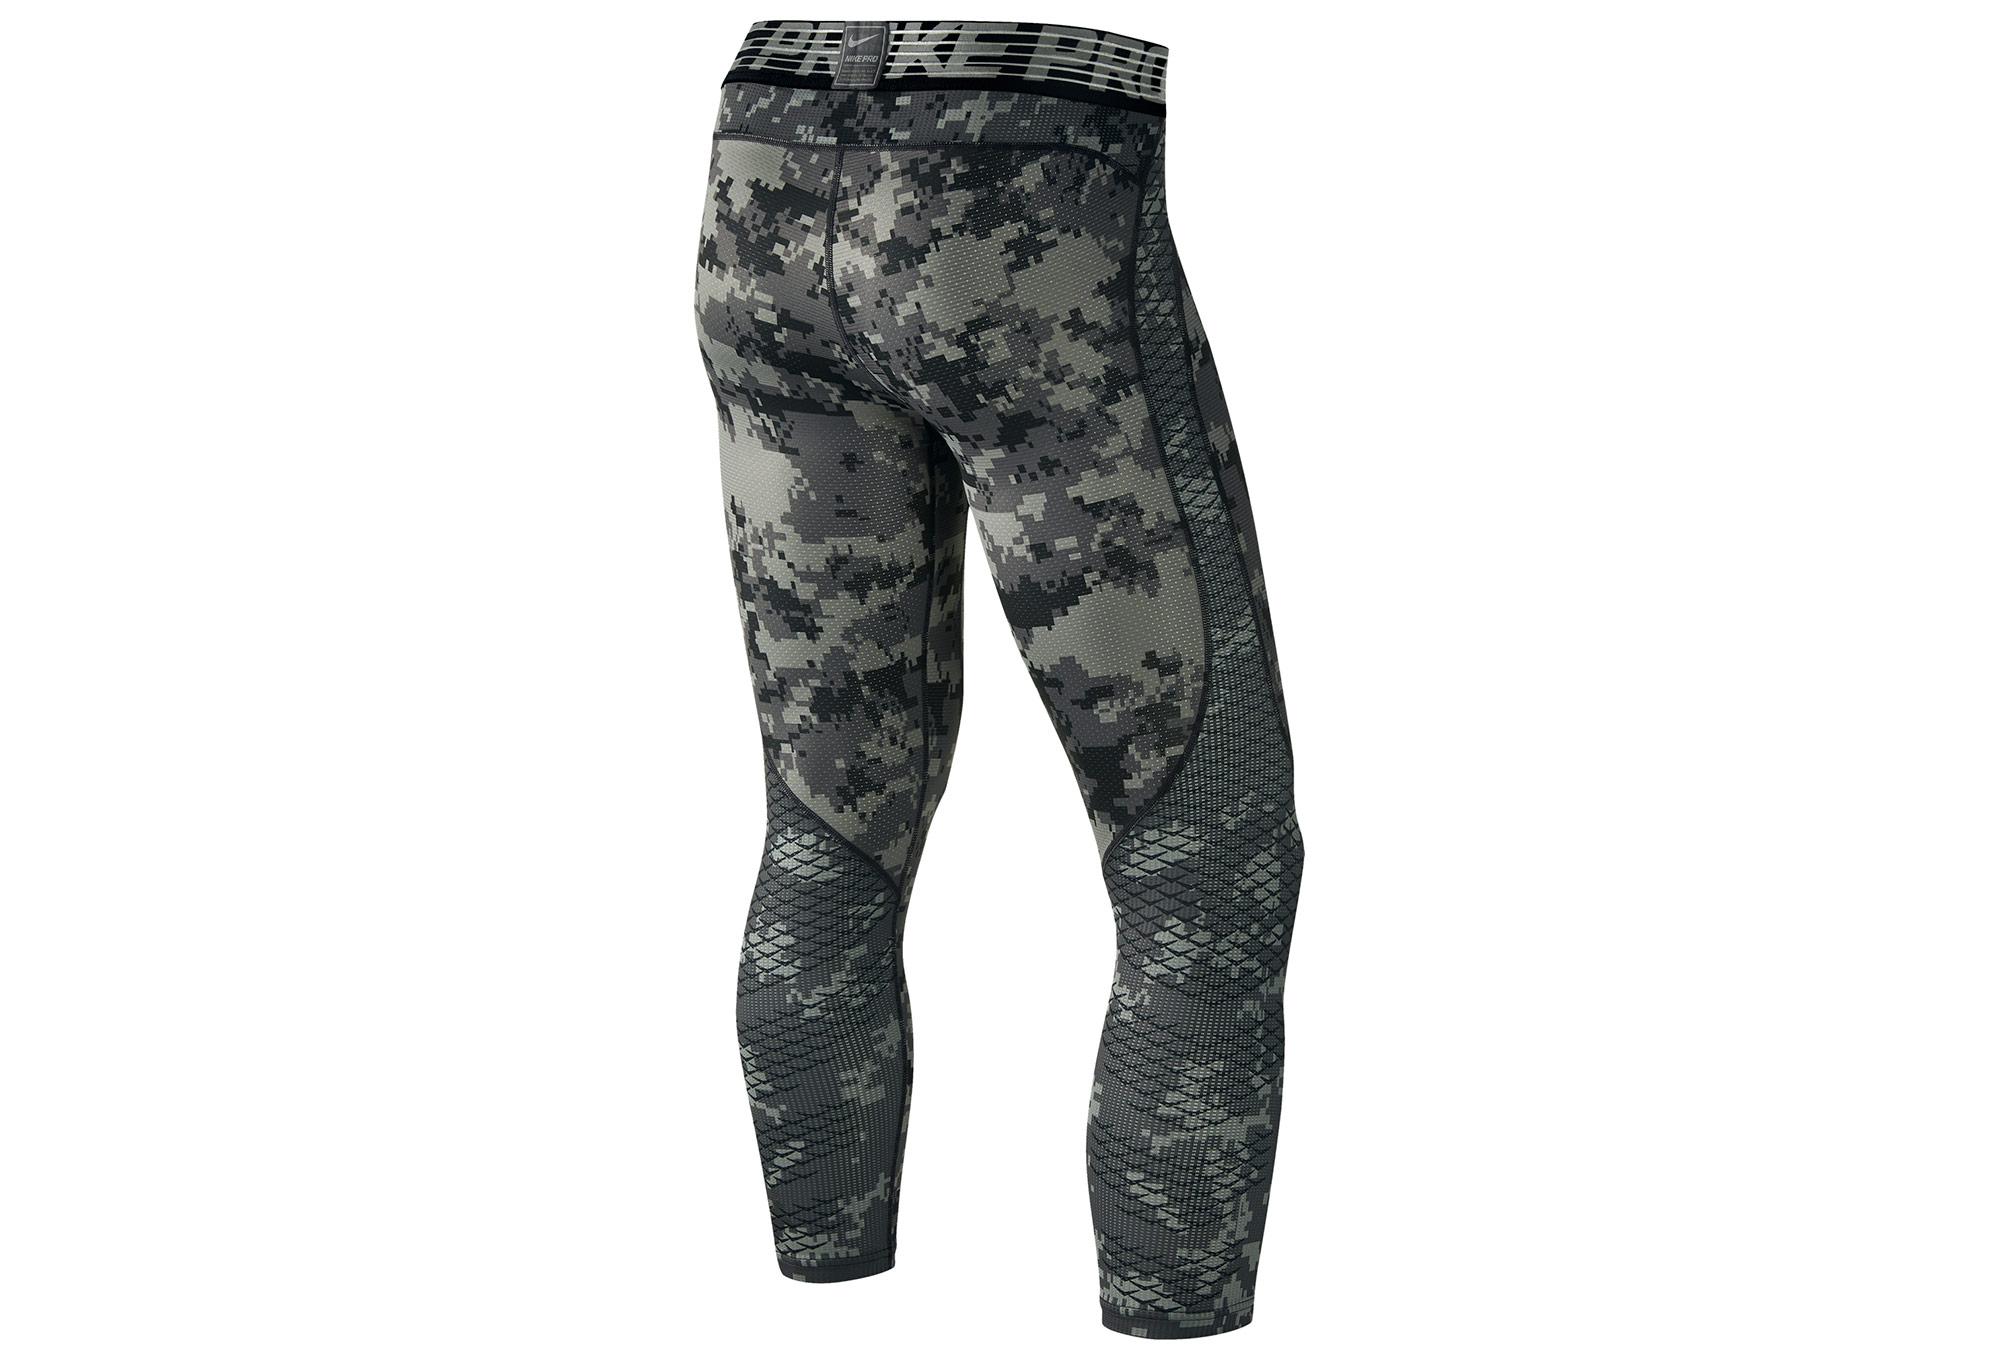 legging nike homme camouflage